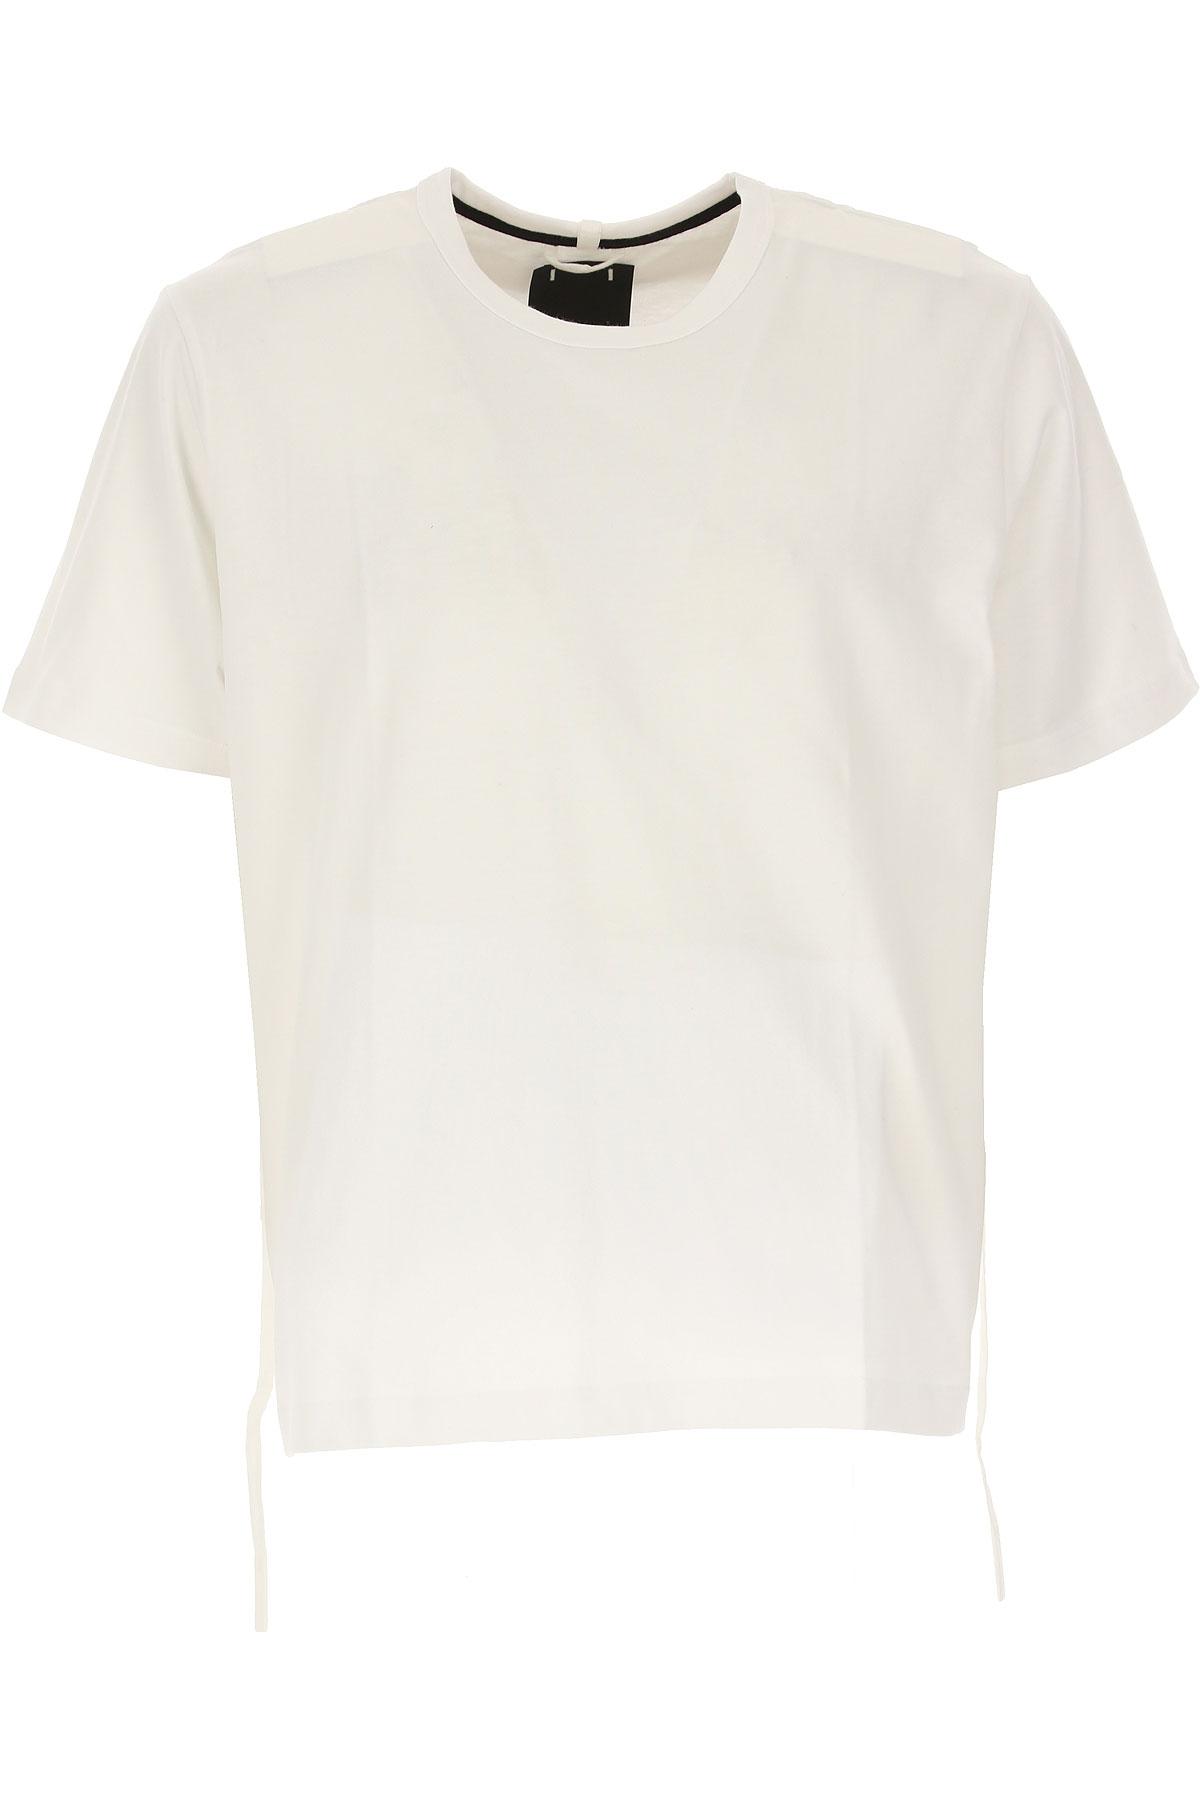 Craig Green T-shirt Homme Pas cher en Soldes, Blanc, Coton, 2017, L M S